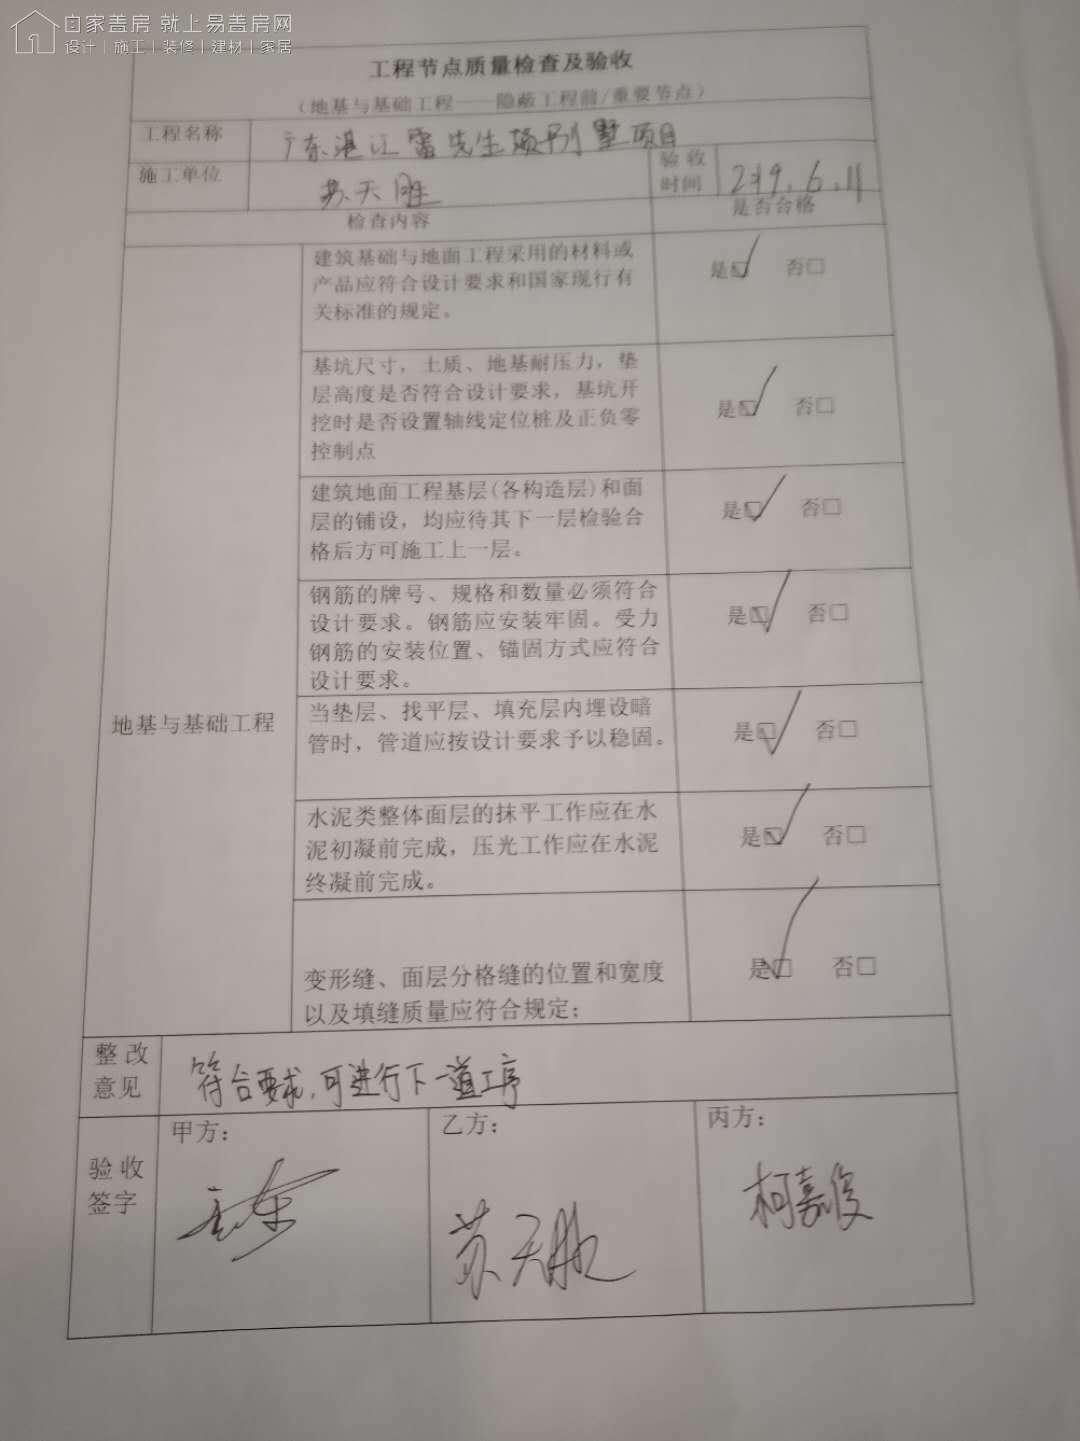 廣東湛江雷貞東別墅工地直播